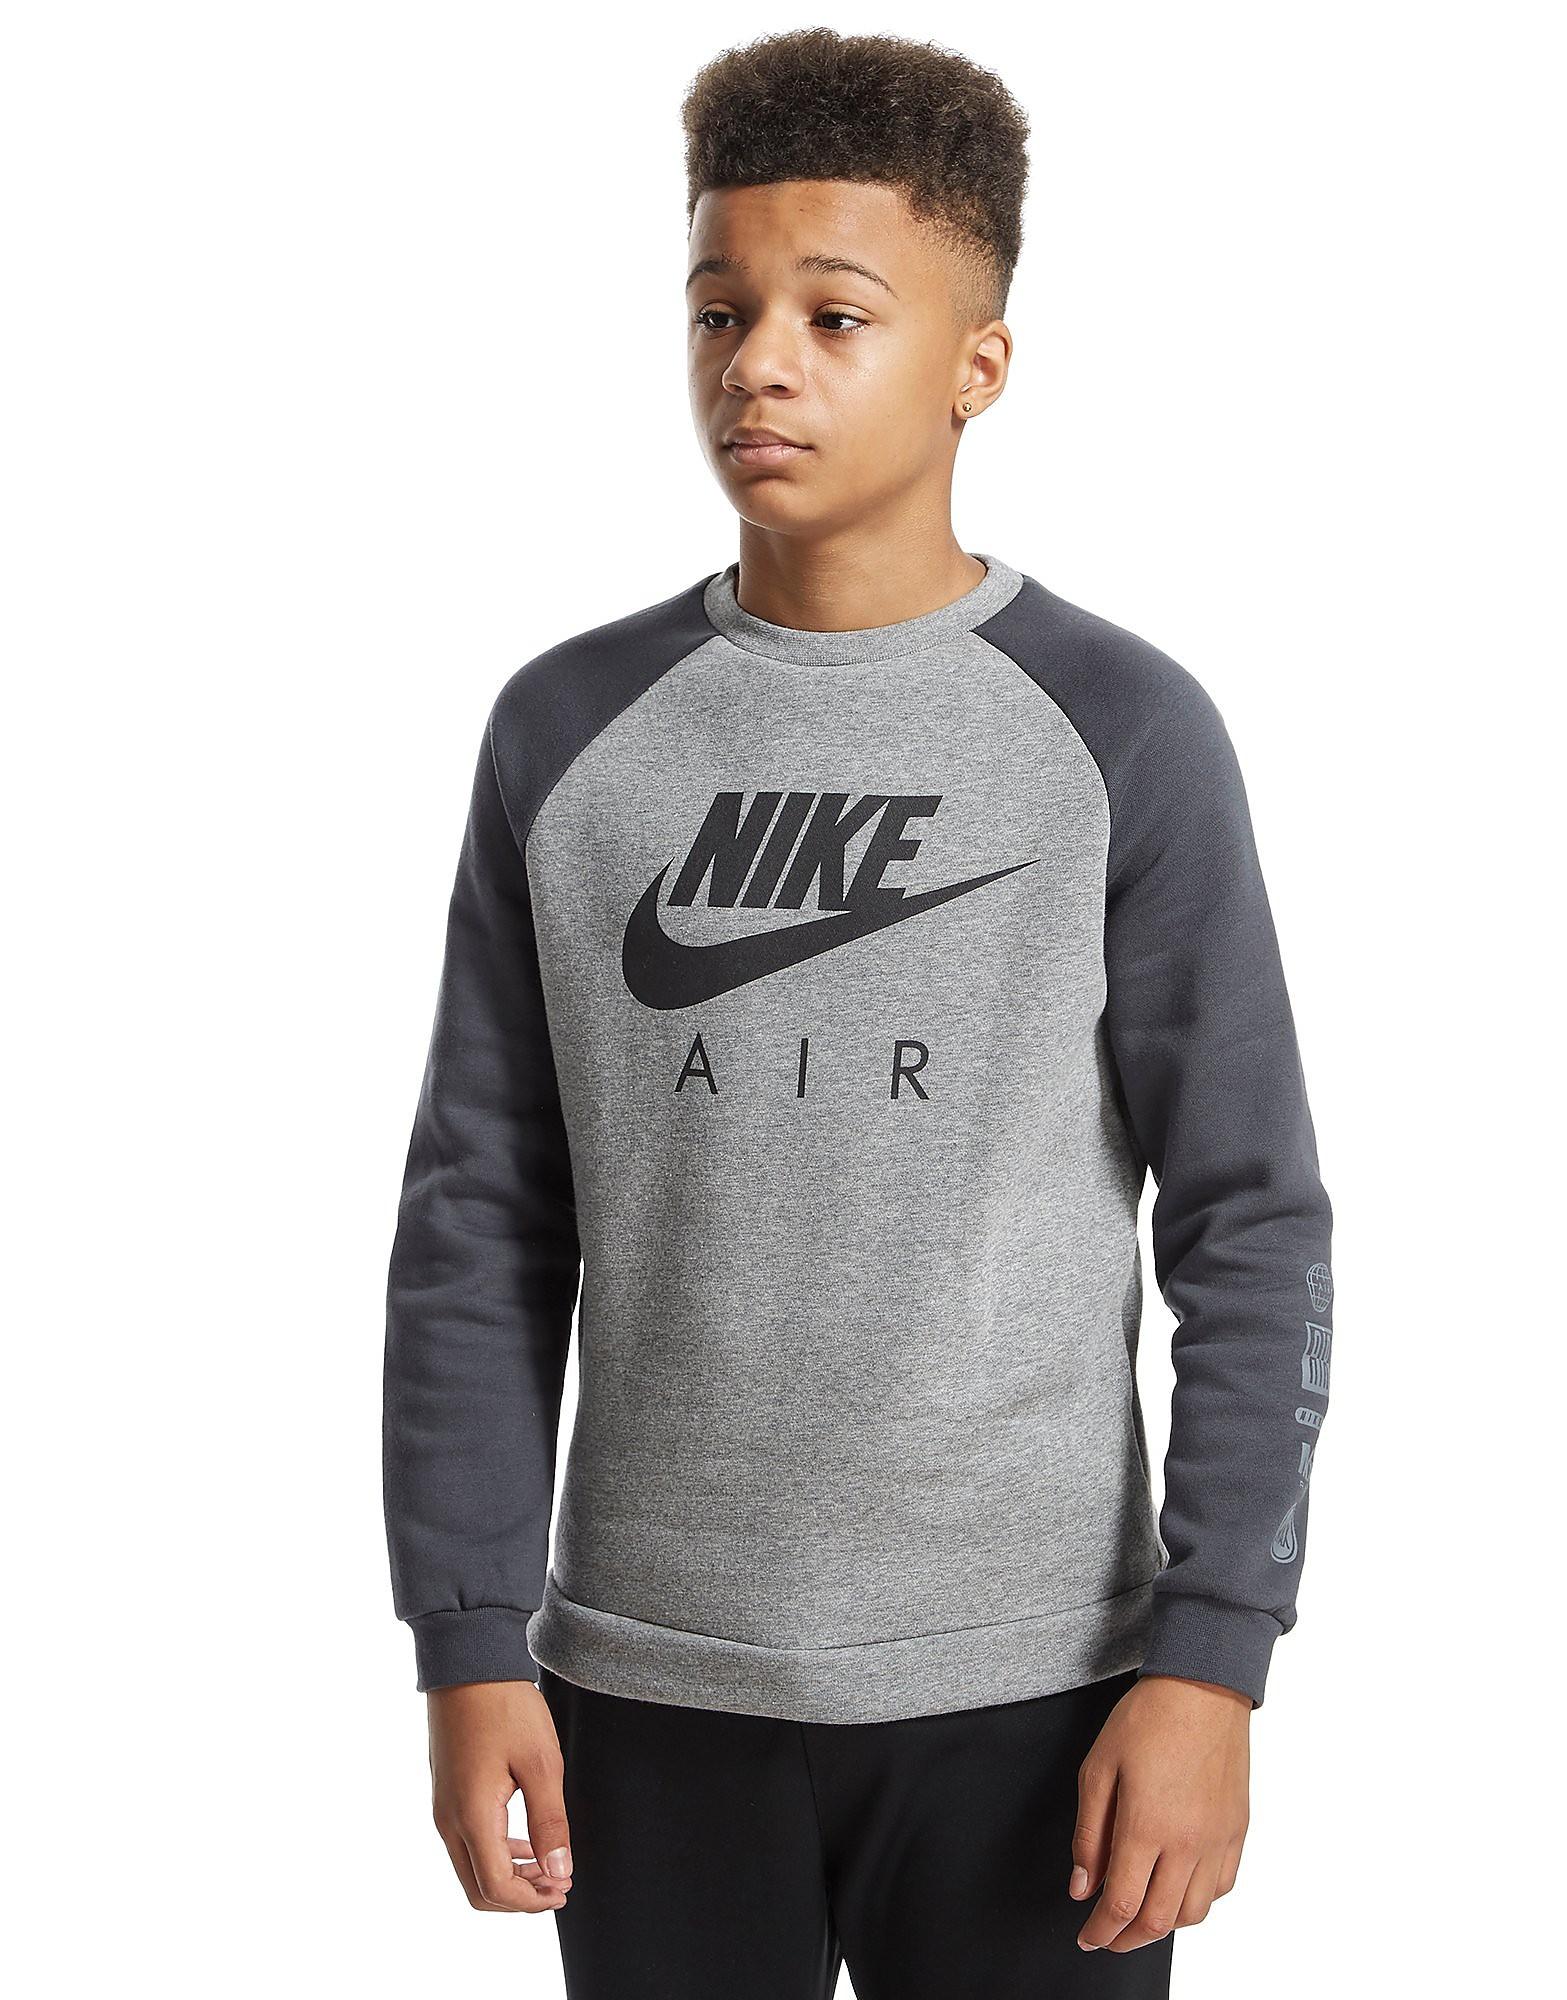 Nike Air Crew Sweat Junior